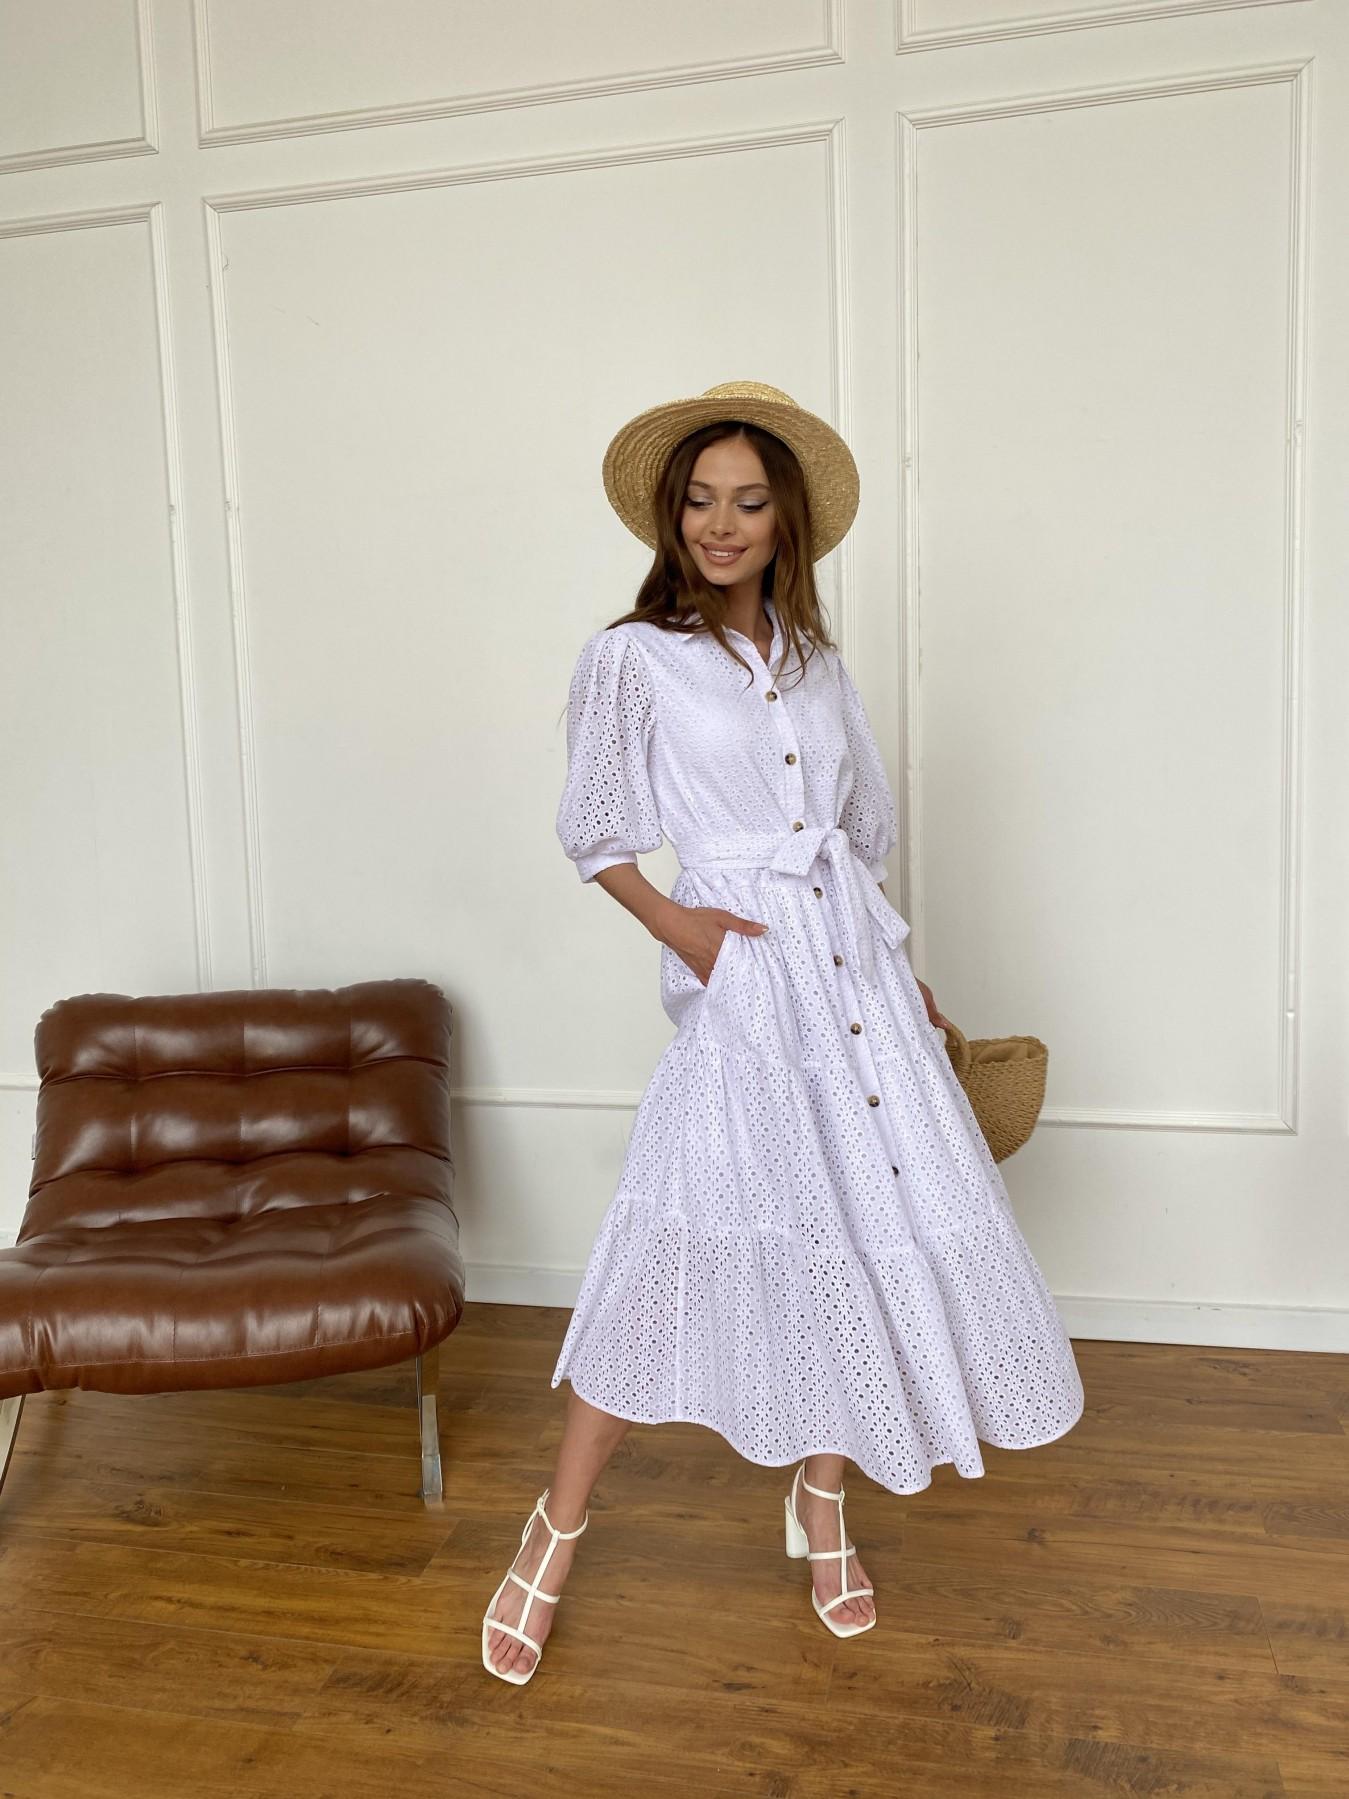 Коста Бланка платье с коротким рукавом из прошвы 11359 АРТ. 47966 Цвет: Белый/МелЦветПерфор - фото 10, интернет магазин tm-modus.ru